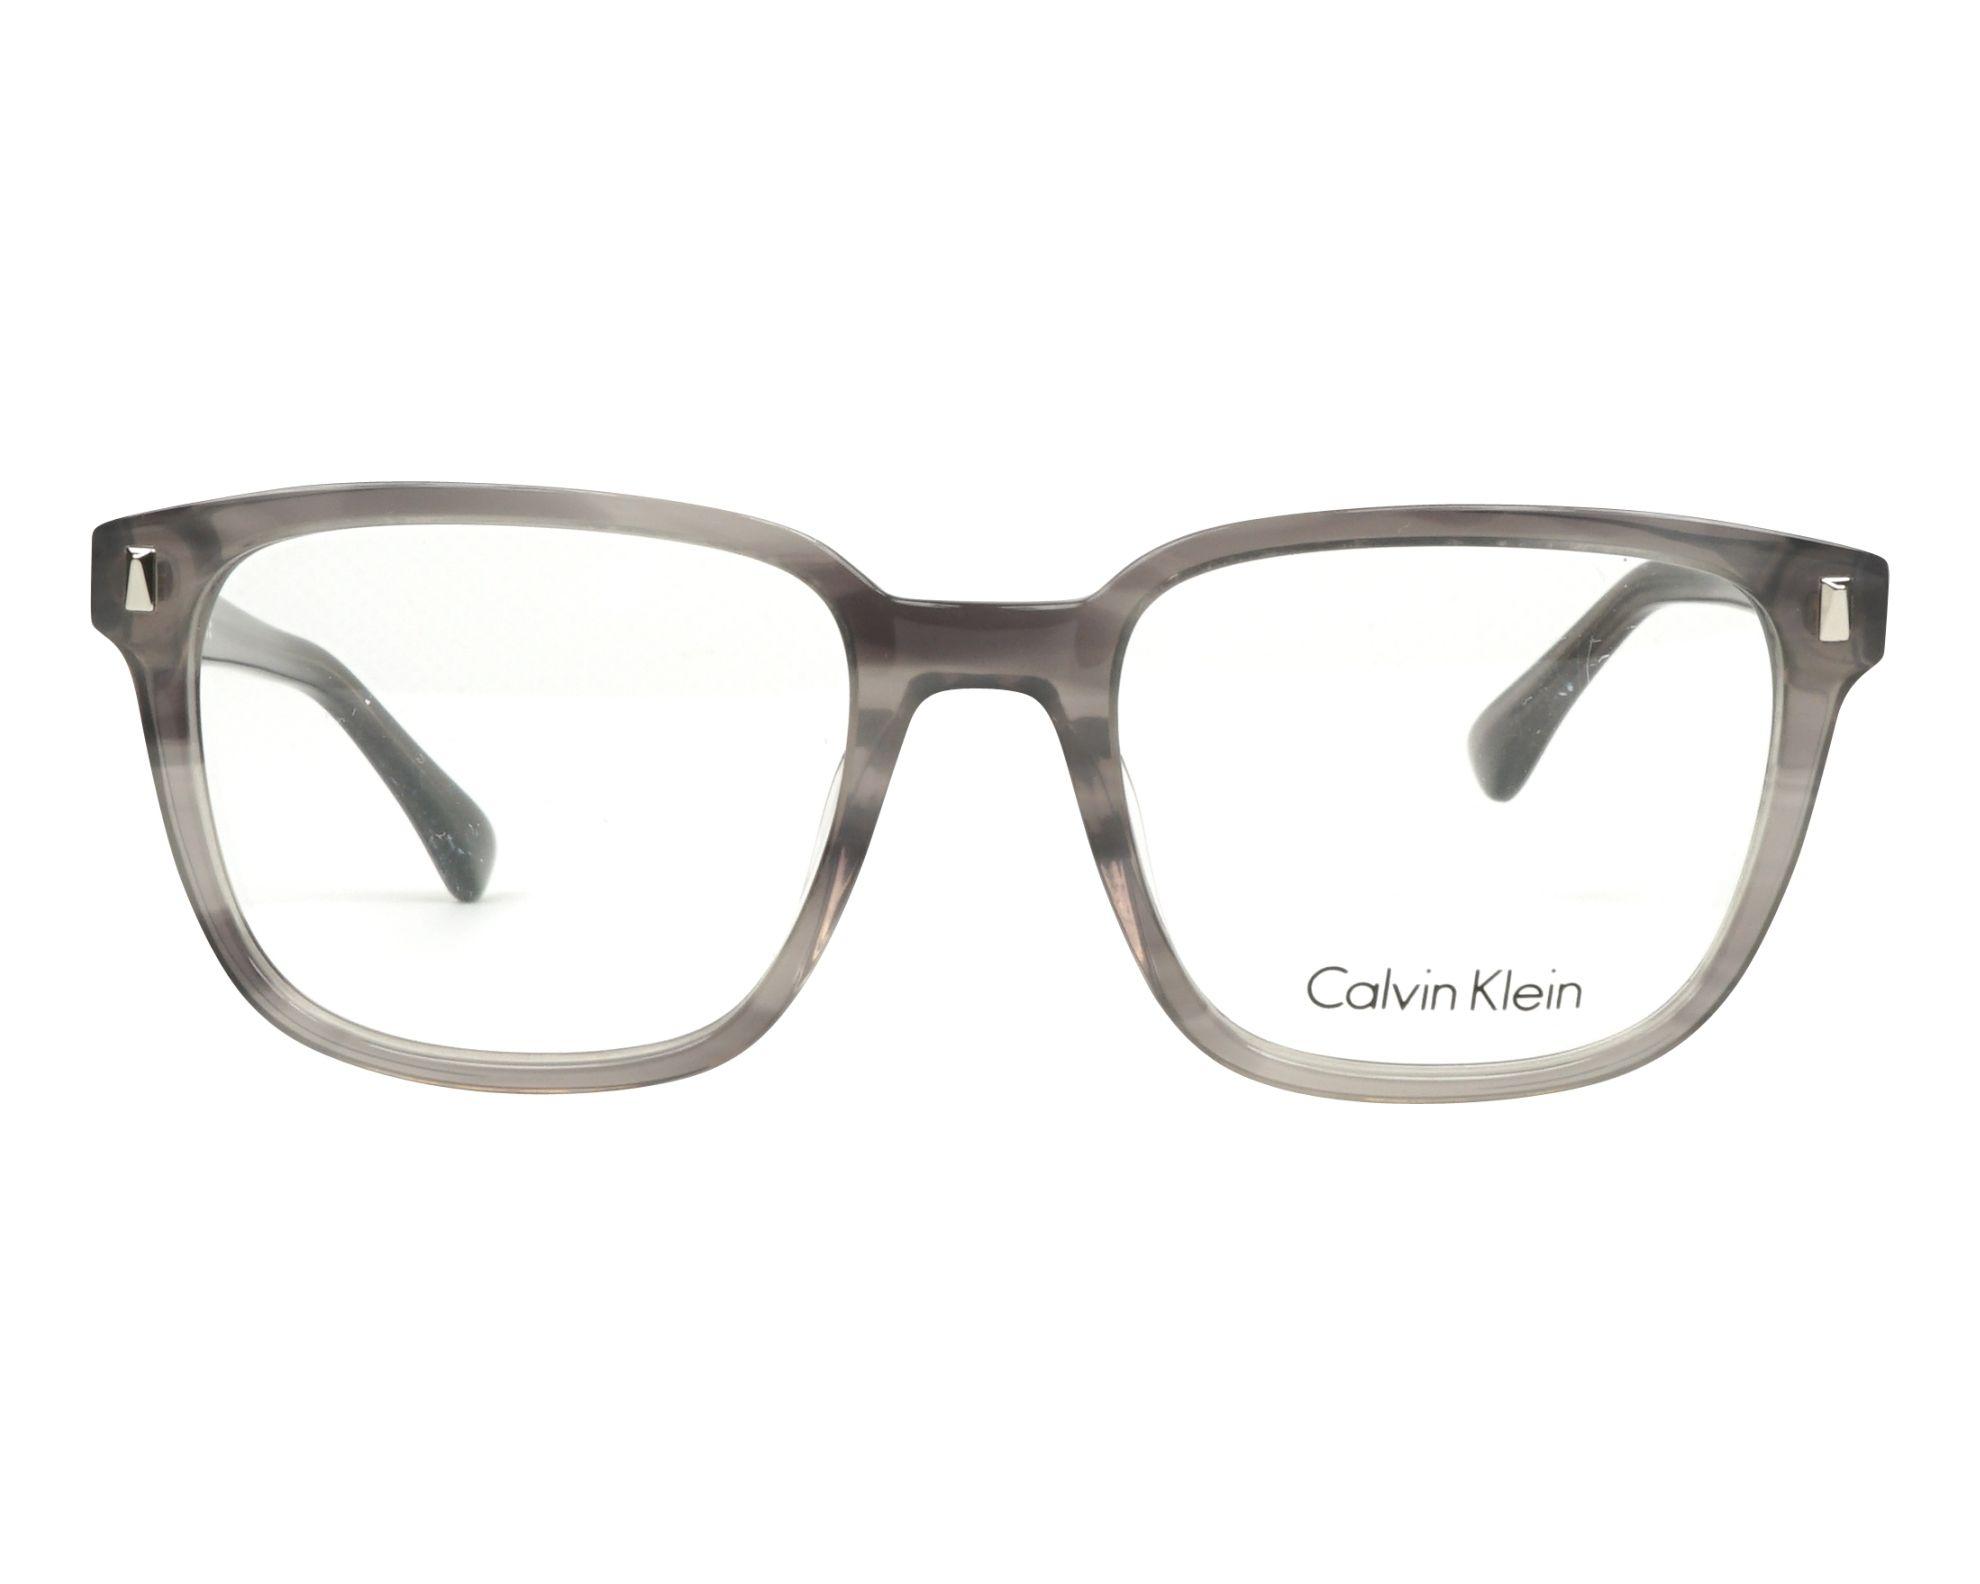 9ec1e6e721 Gafas Graduadas Calvin Klein CK-5862 275 52-19 Gris Gris vista de frente